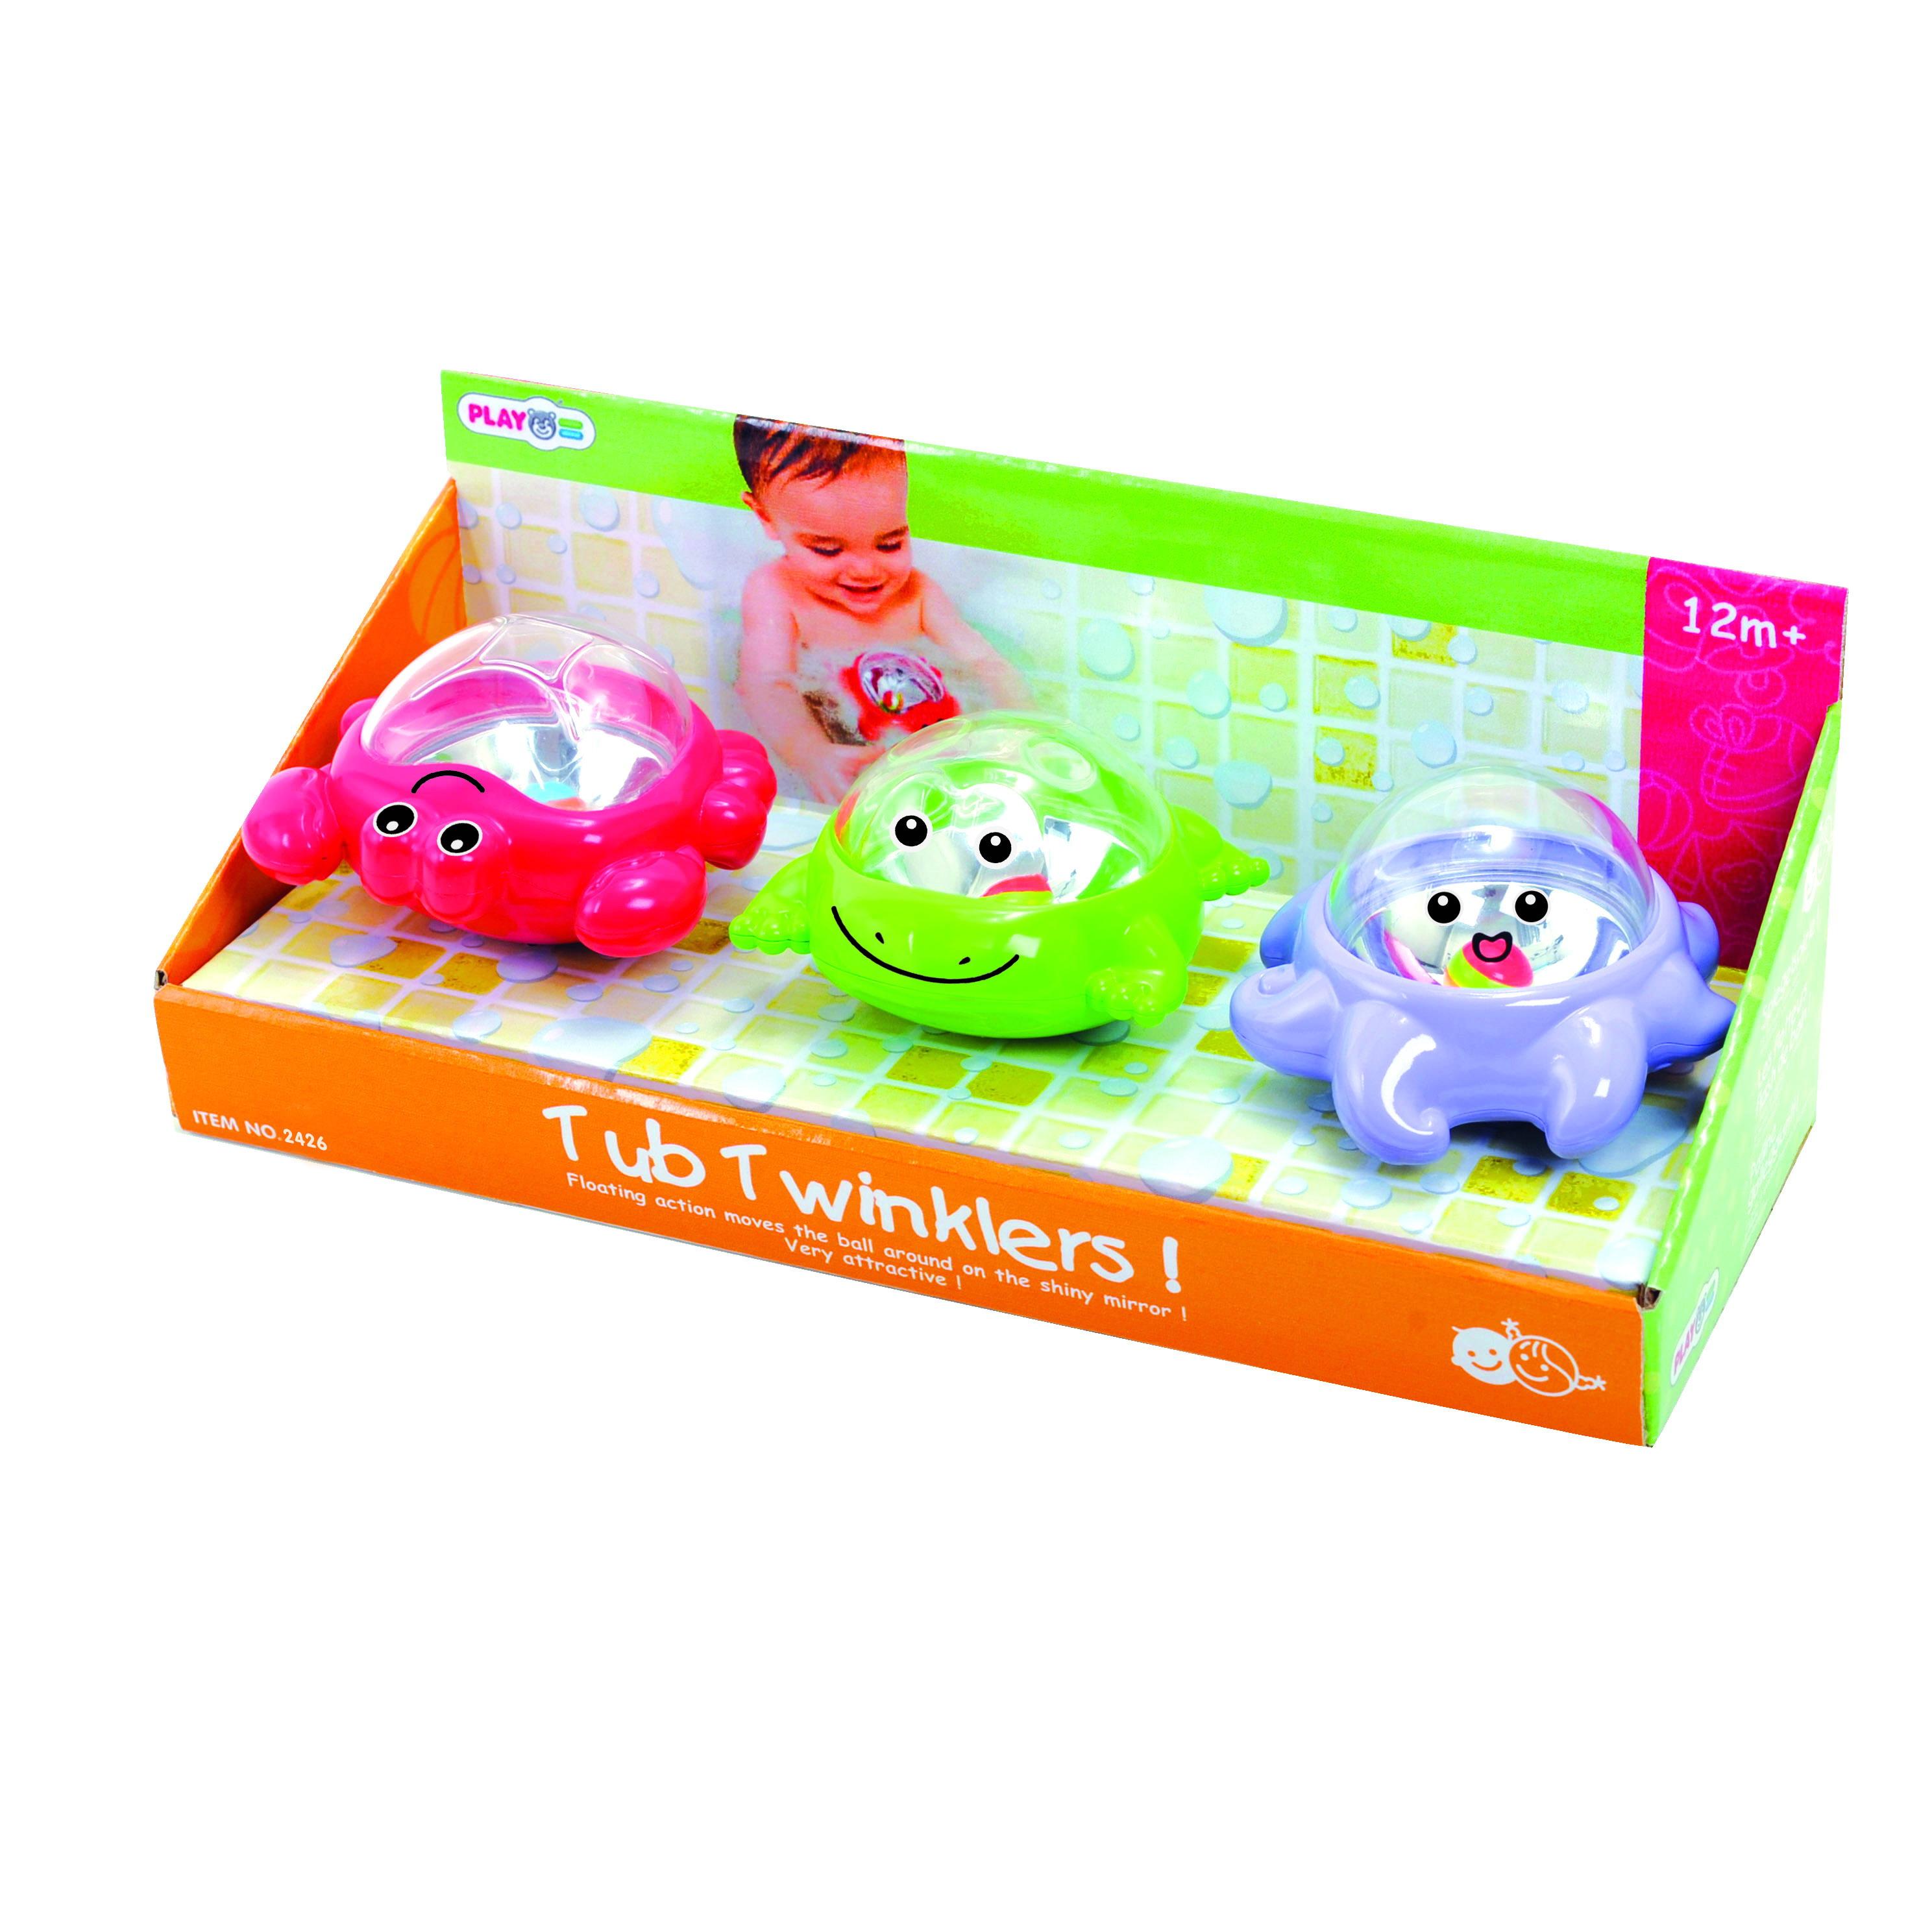 Playgo Активный центр для ванной - Мерцающие поплавки - 3штPlay 2421Детский игровой набор для ванной состоит из трёх симпатичных зверушек, на которых прикреплено безопасное зеркальце, спрятанное под прозрачным куполом, благодаря чему создаётся удивительный по красоте мерцающий эффект. Такой эффект возникает после того, как игрушки оказываются на воде. В комплект входят три поплавка в виде черепашки, крабика и рыбки.